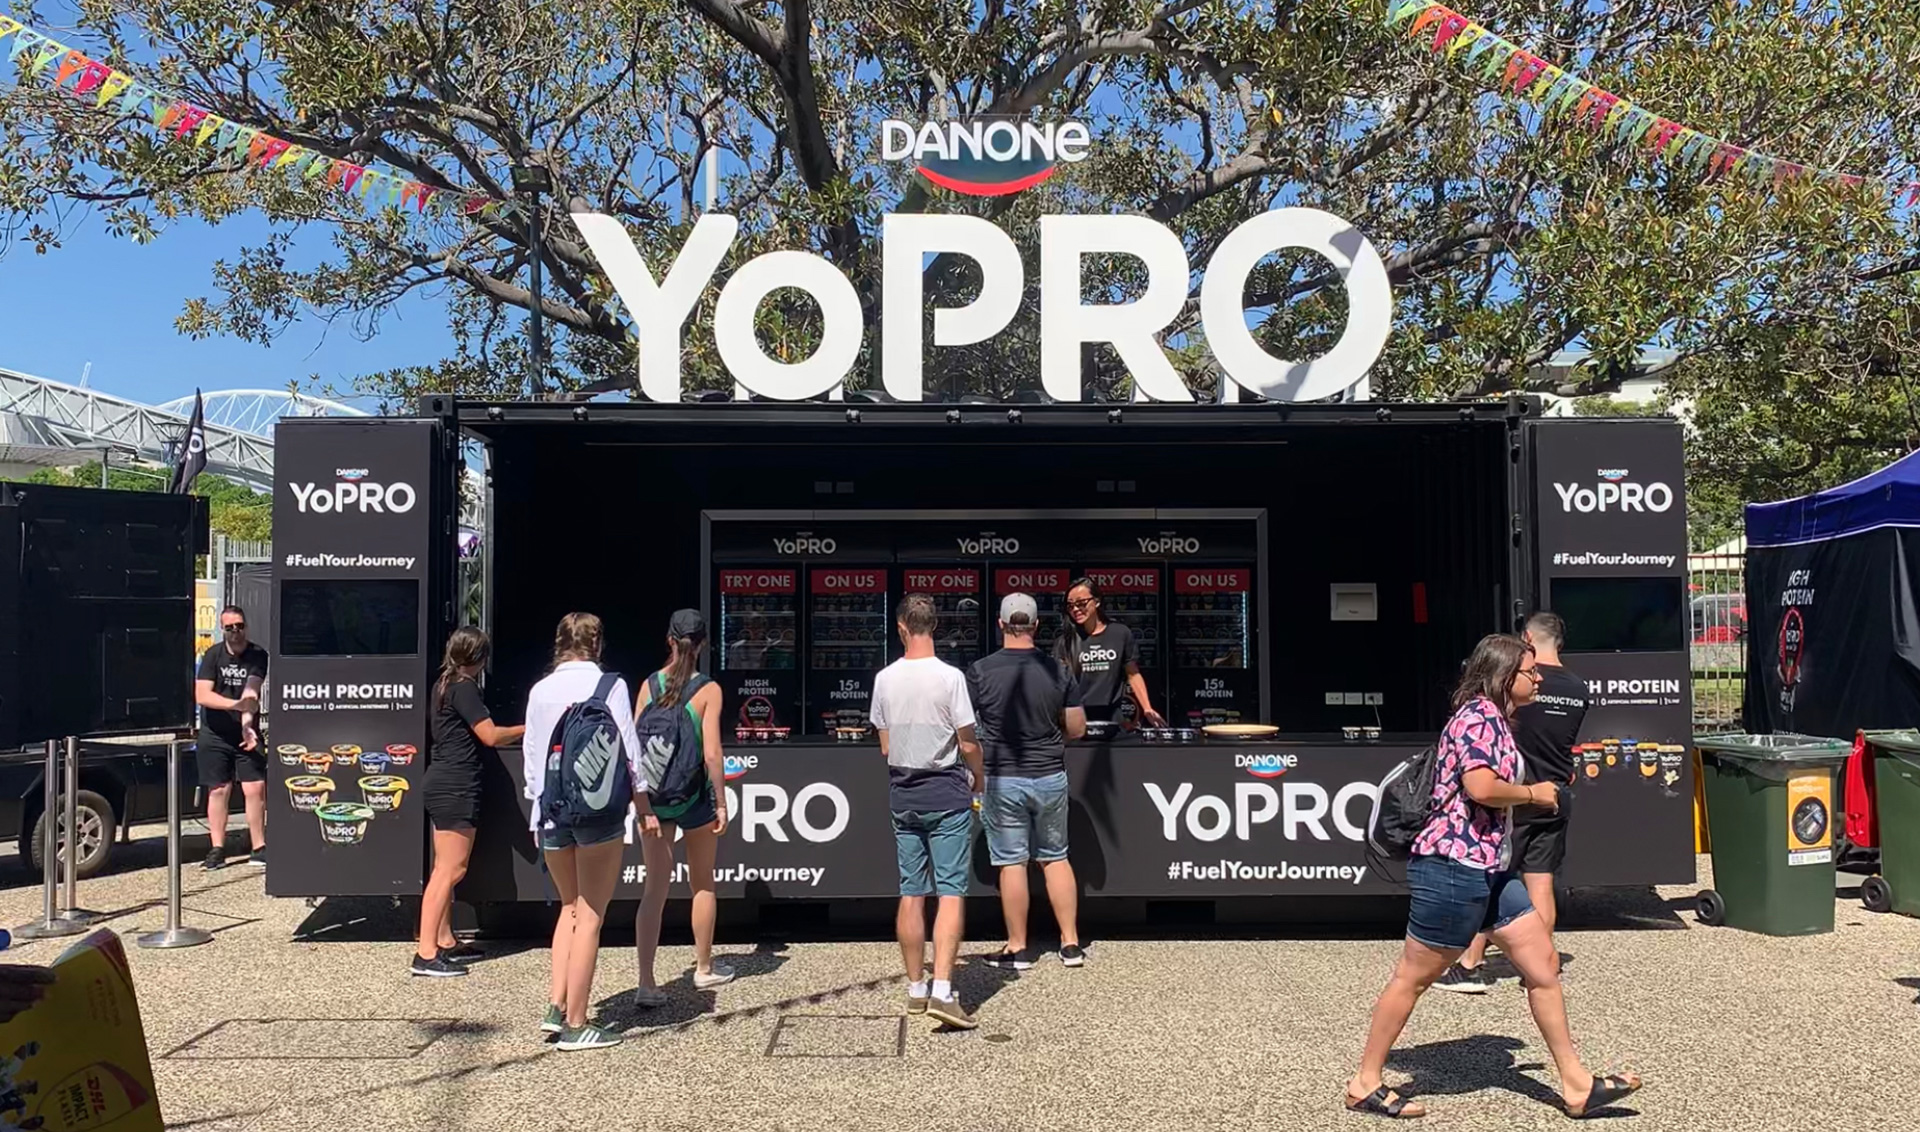 YoPRO-main-container-1.jpg